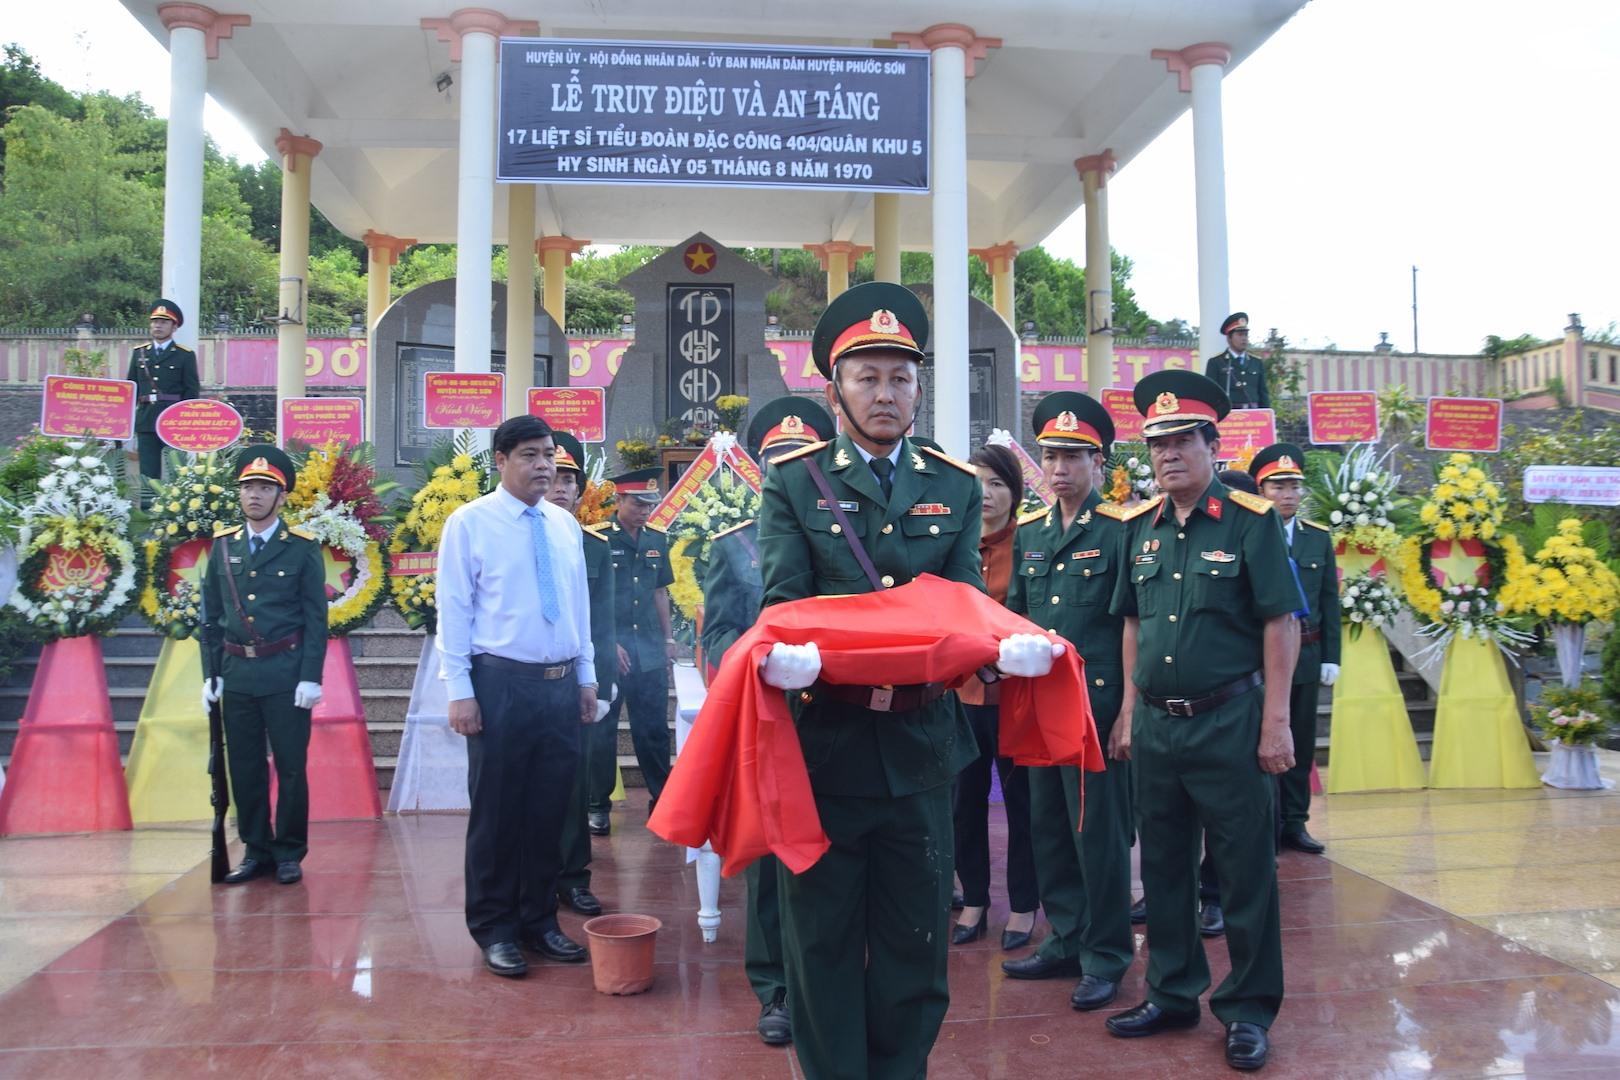 Lễ truy điệu và an táng 17 liệt sĩ ở Quảng Nam. Ảnh : HỒNG ANH